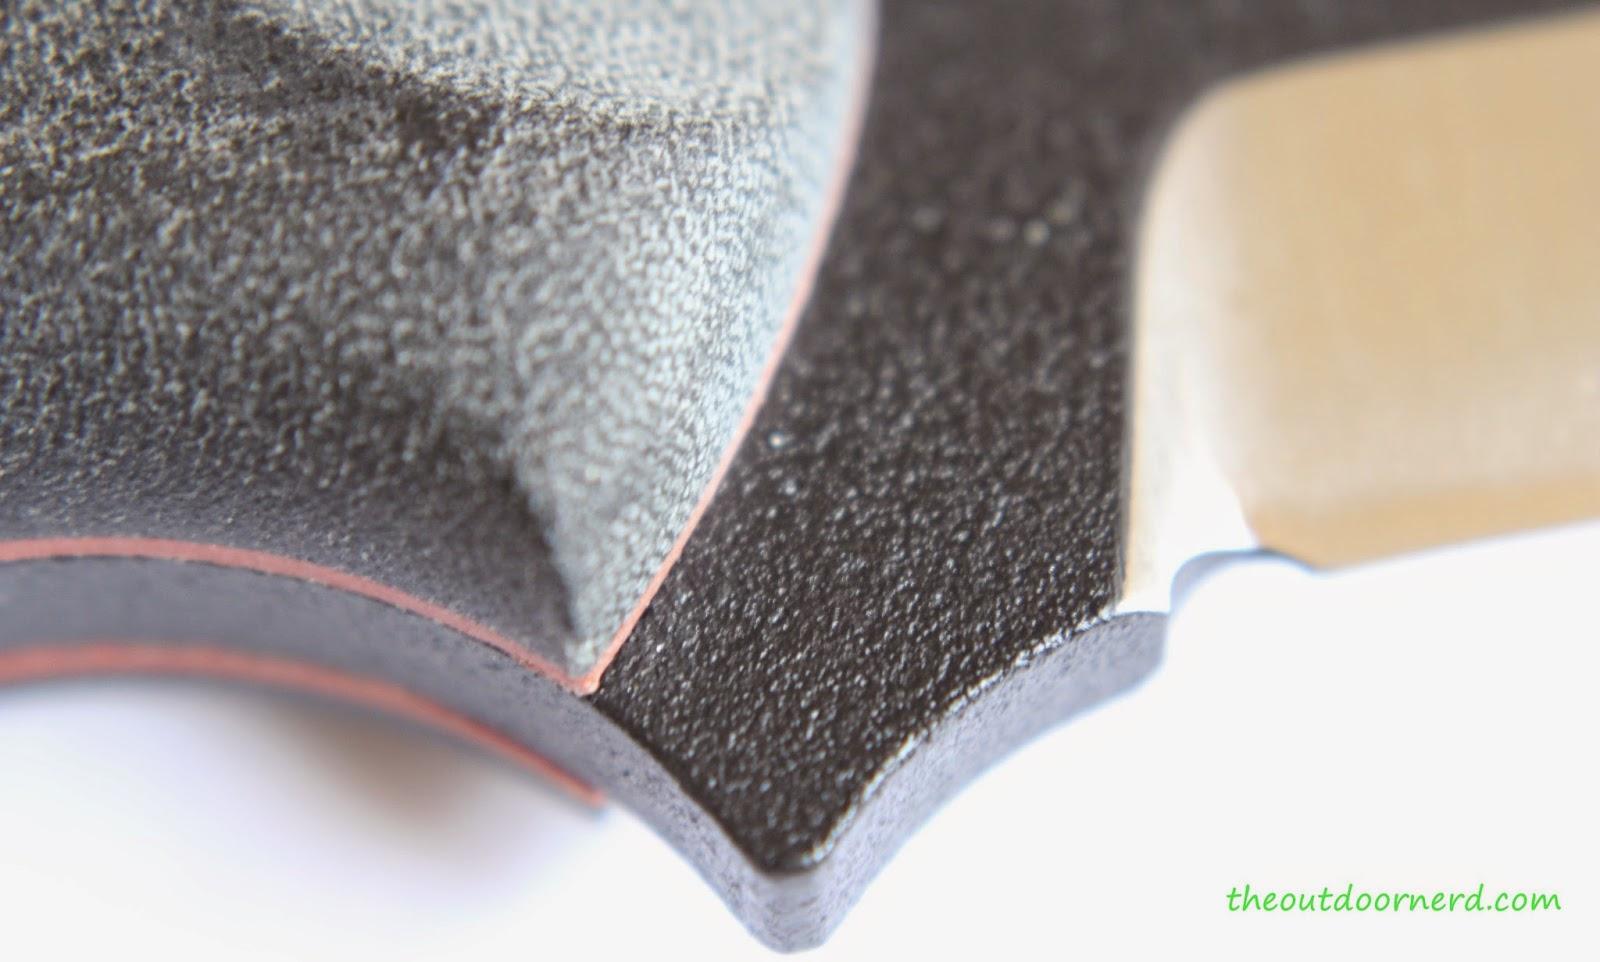 Tops Fieldcraft Fixed Blade Knife: Choil Closeup